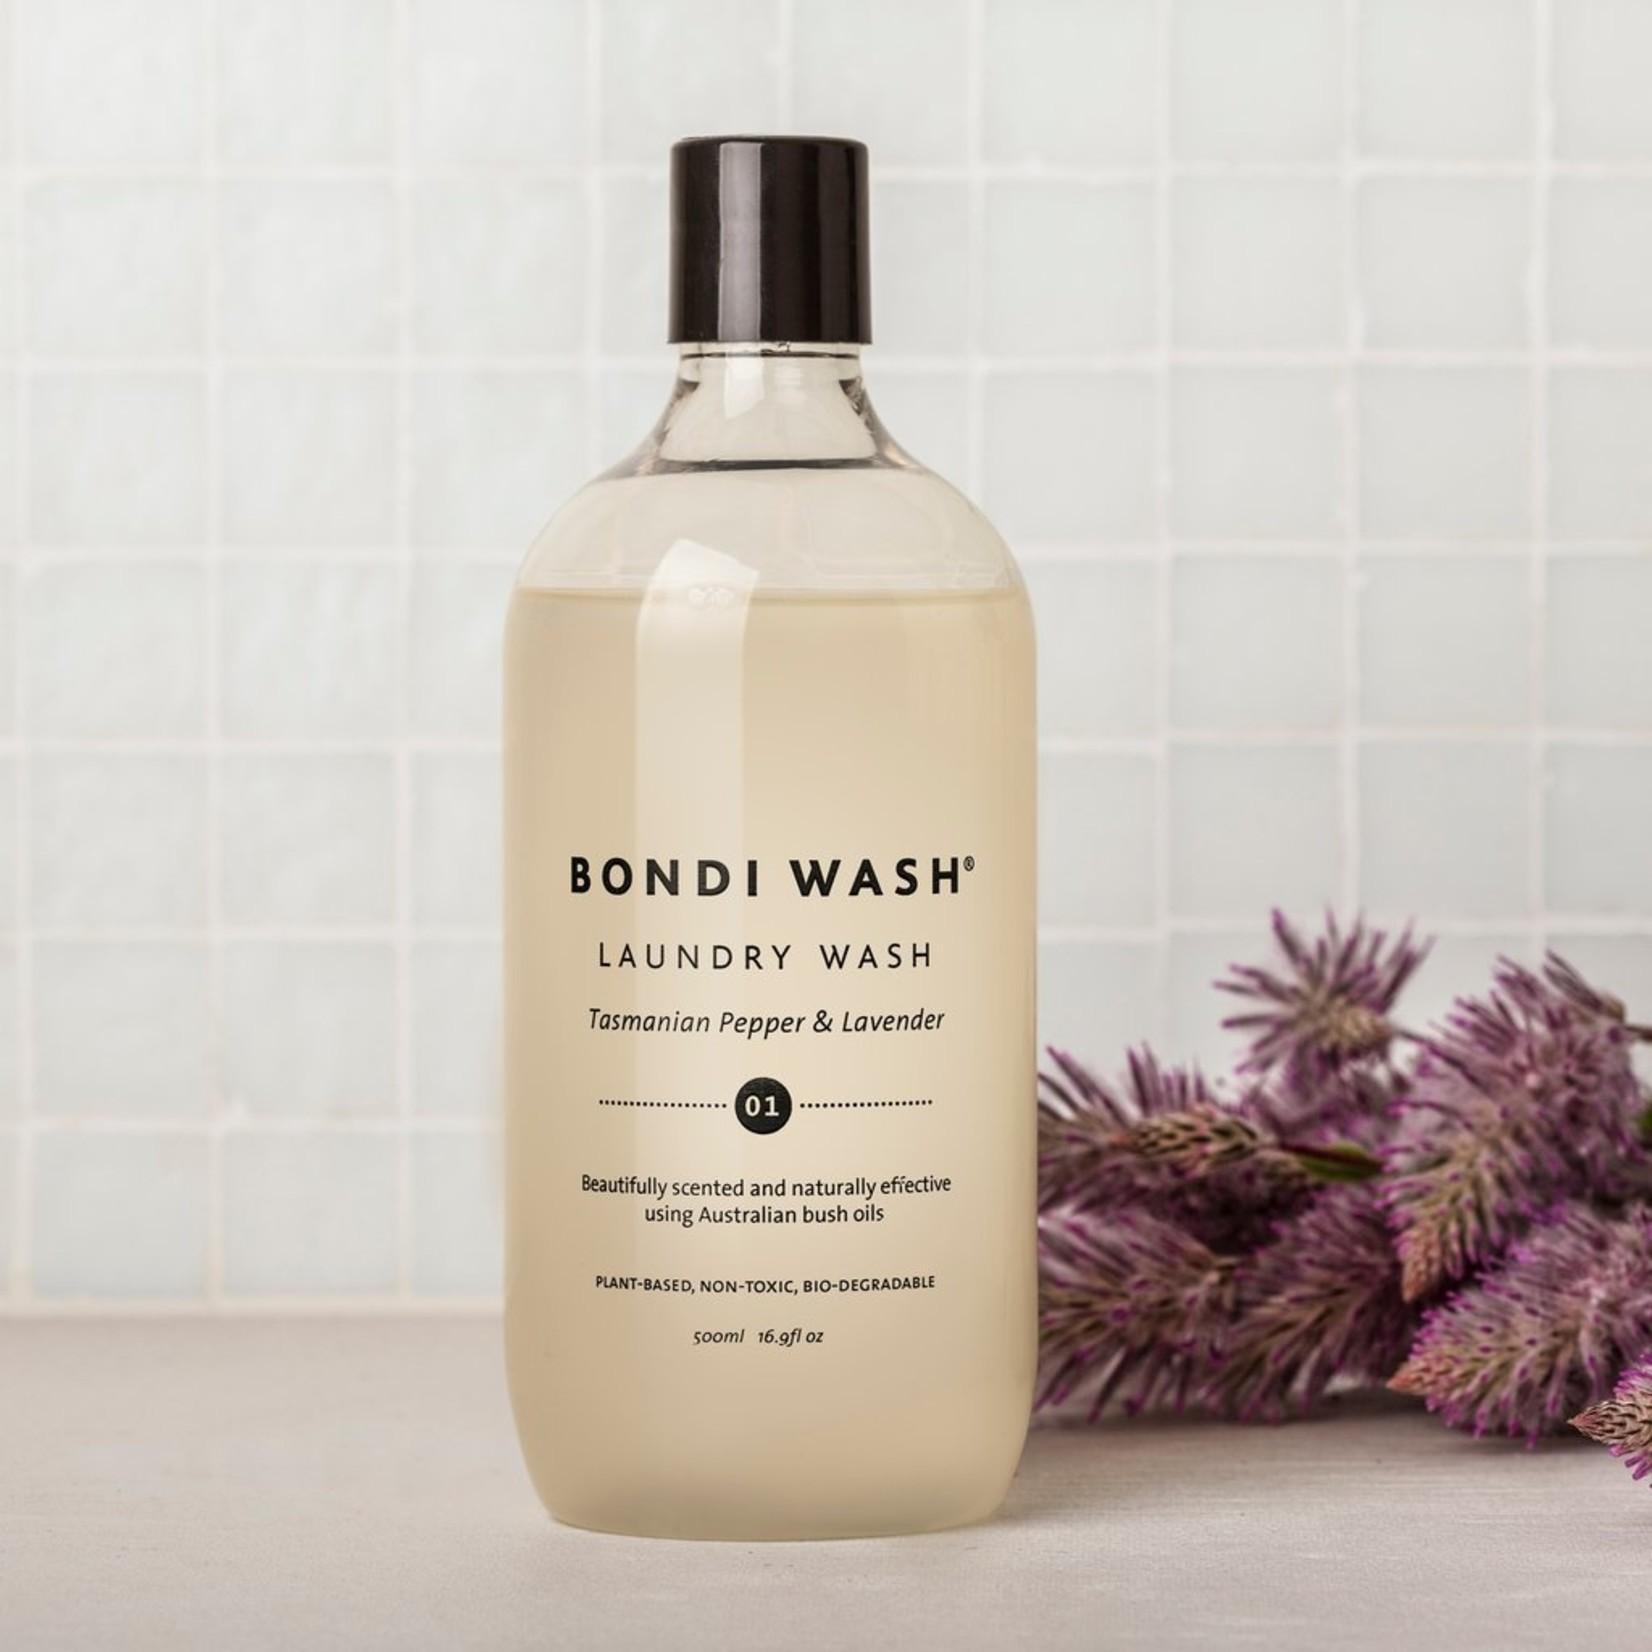 Bondi Wash Laundry Wash 500ml